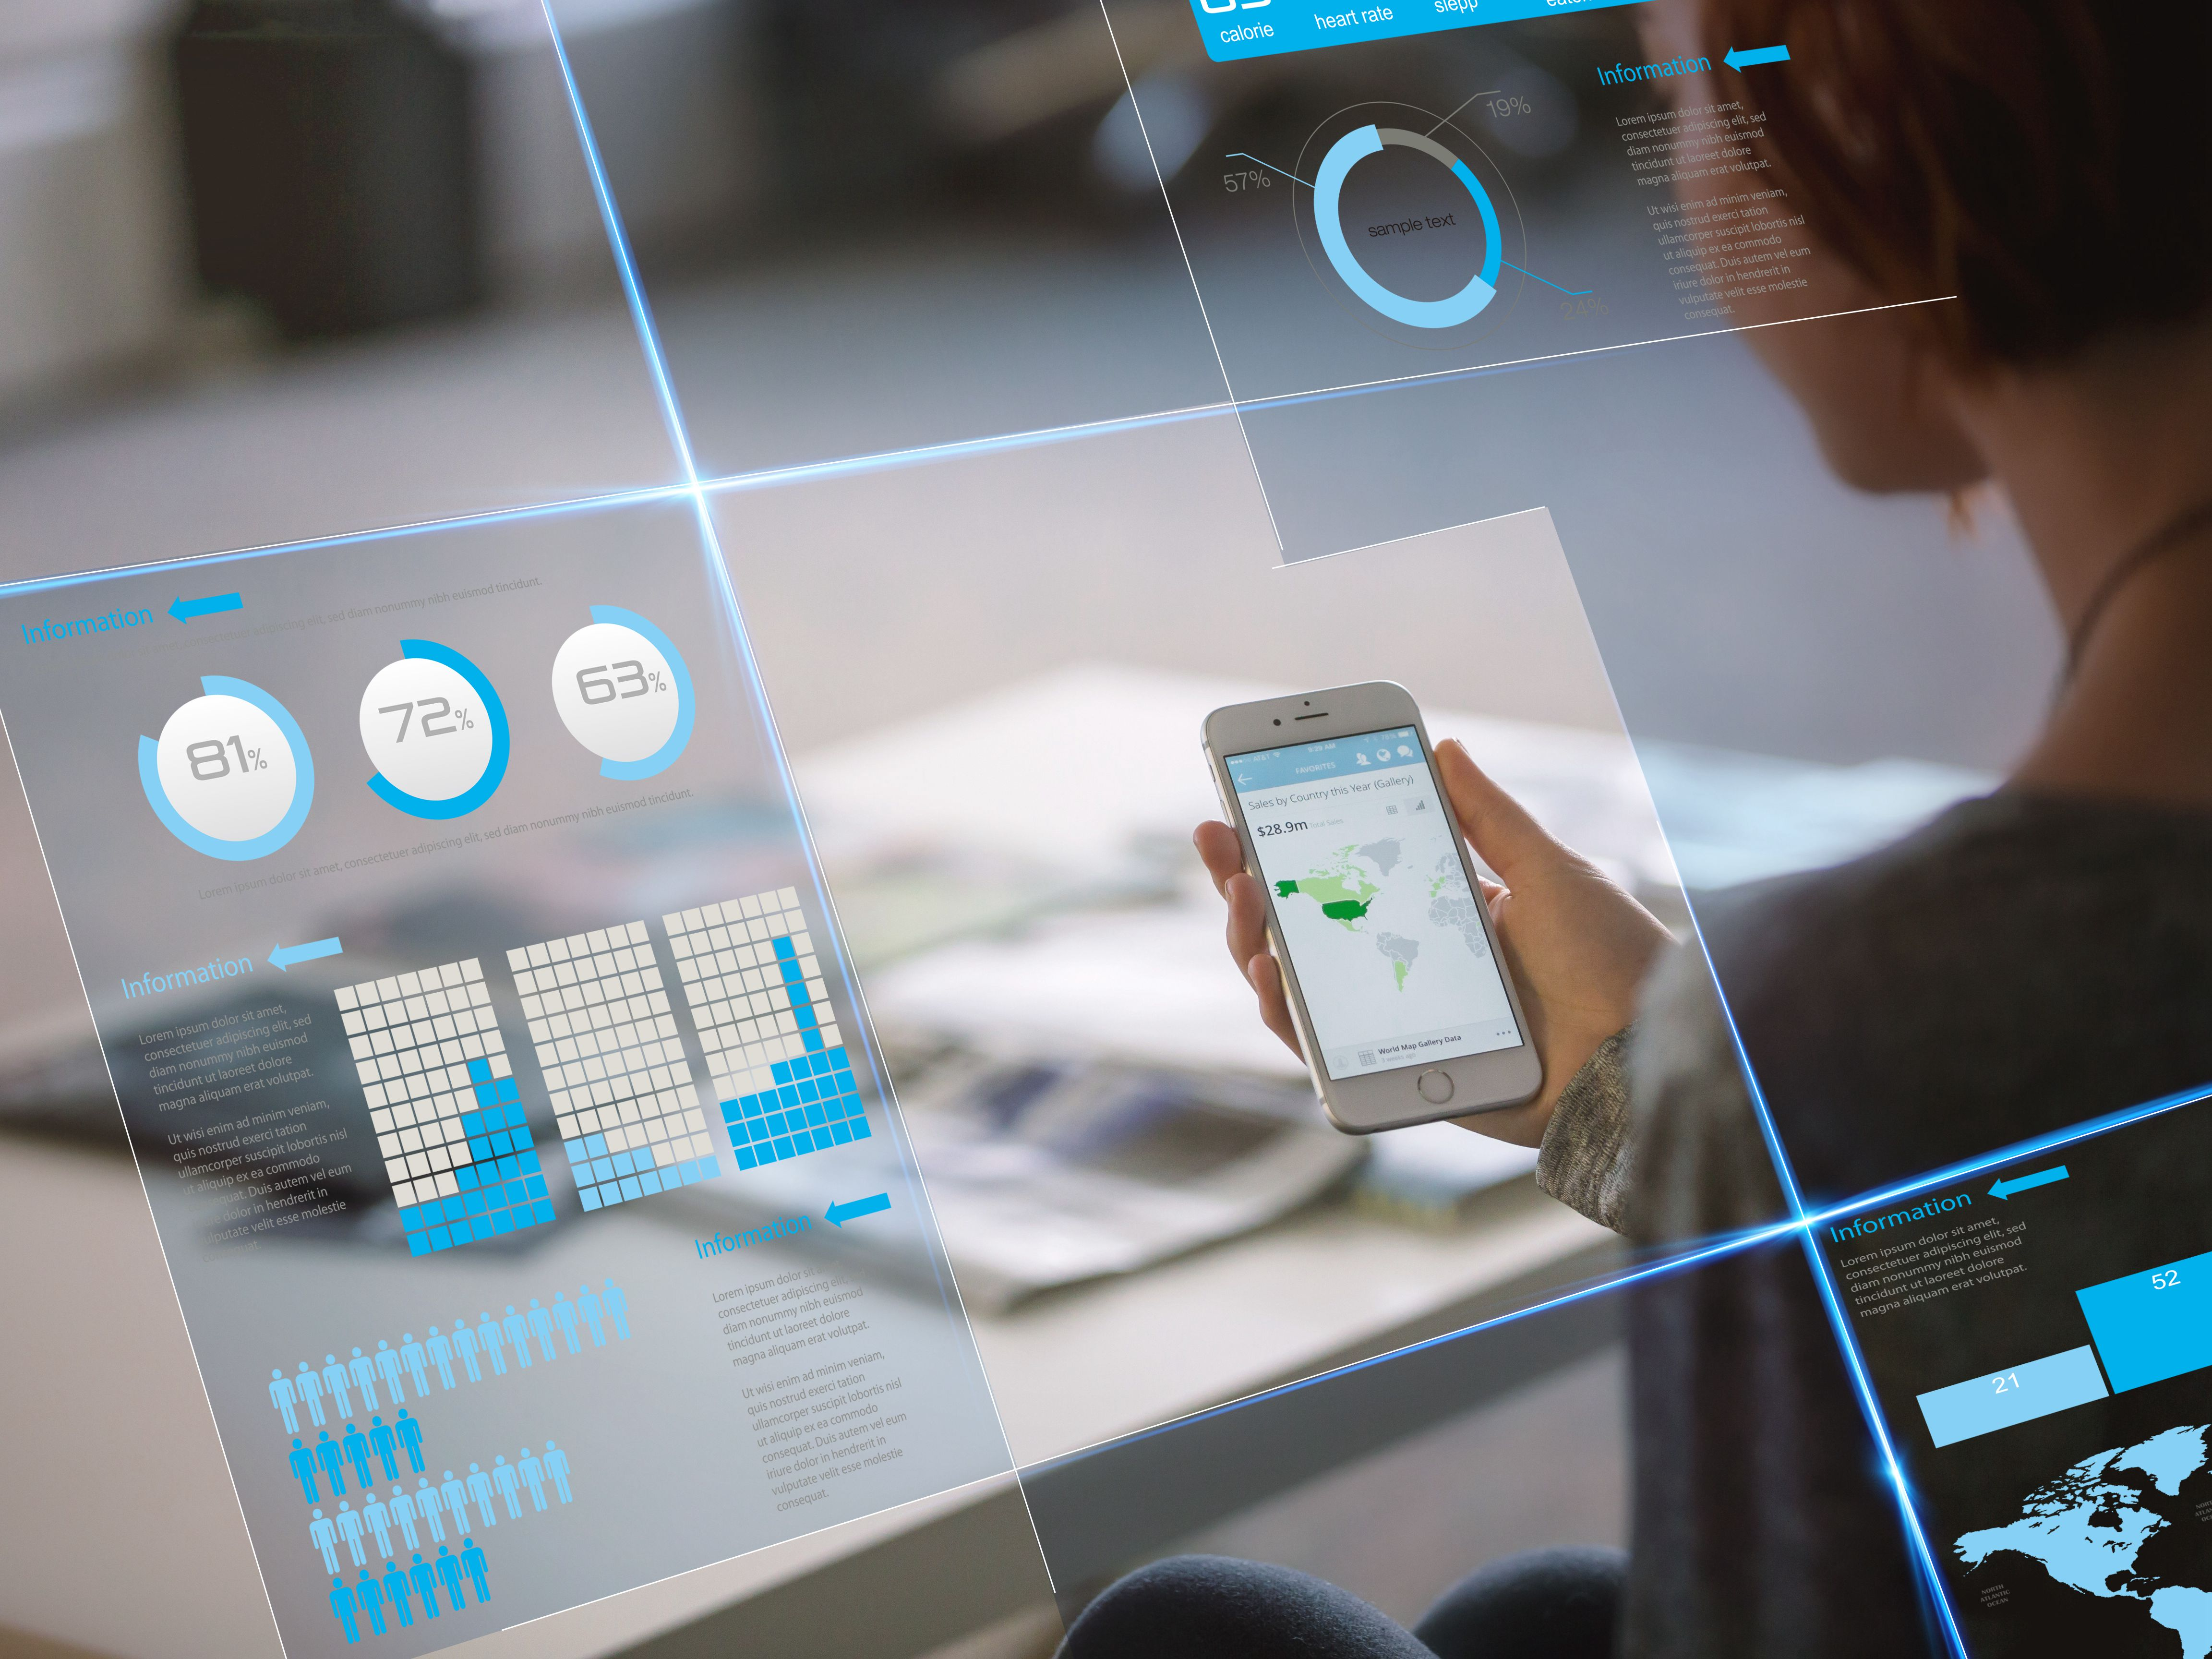 高春利:移动互联时代的营销创新